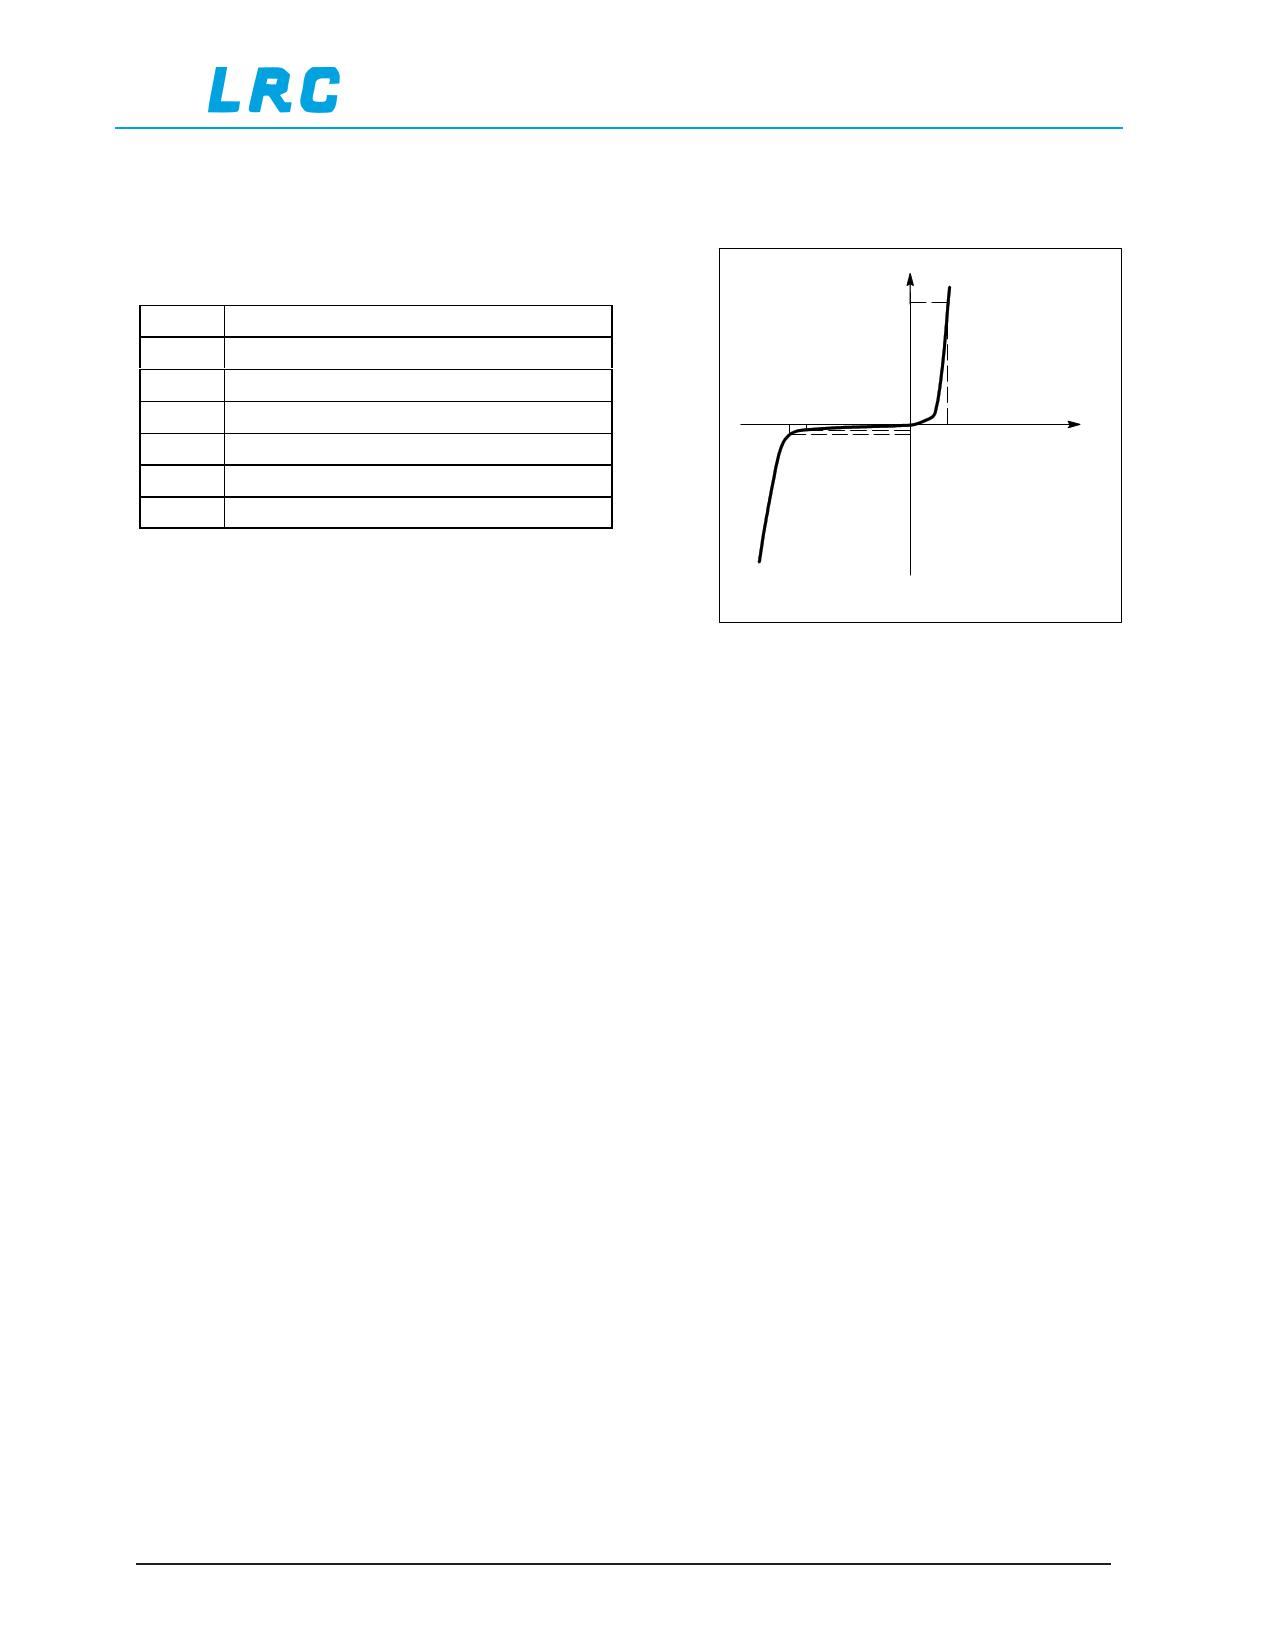 LMSZ4678T1G pdf, schematic